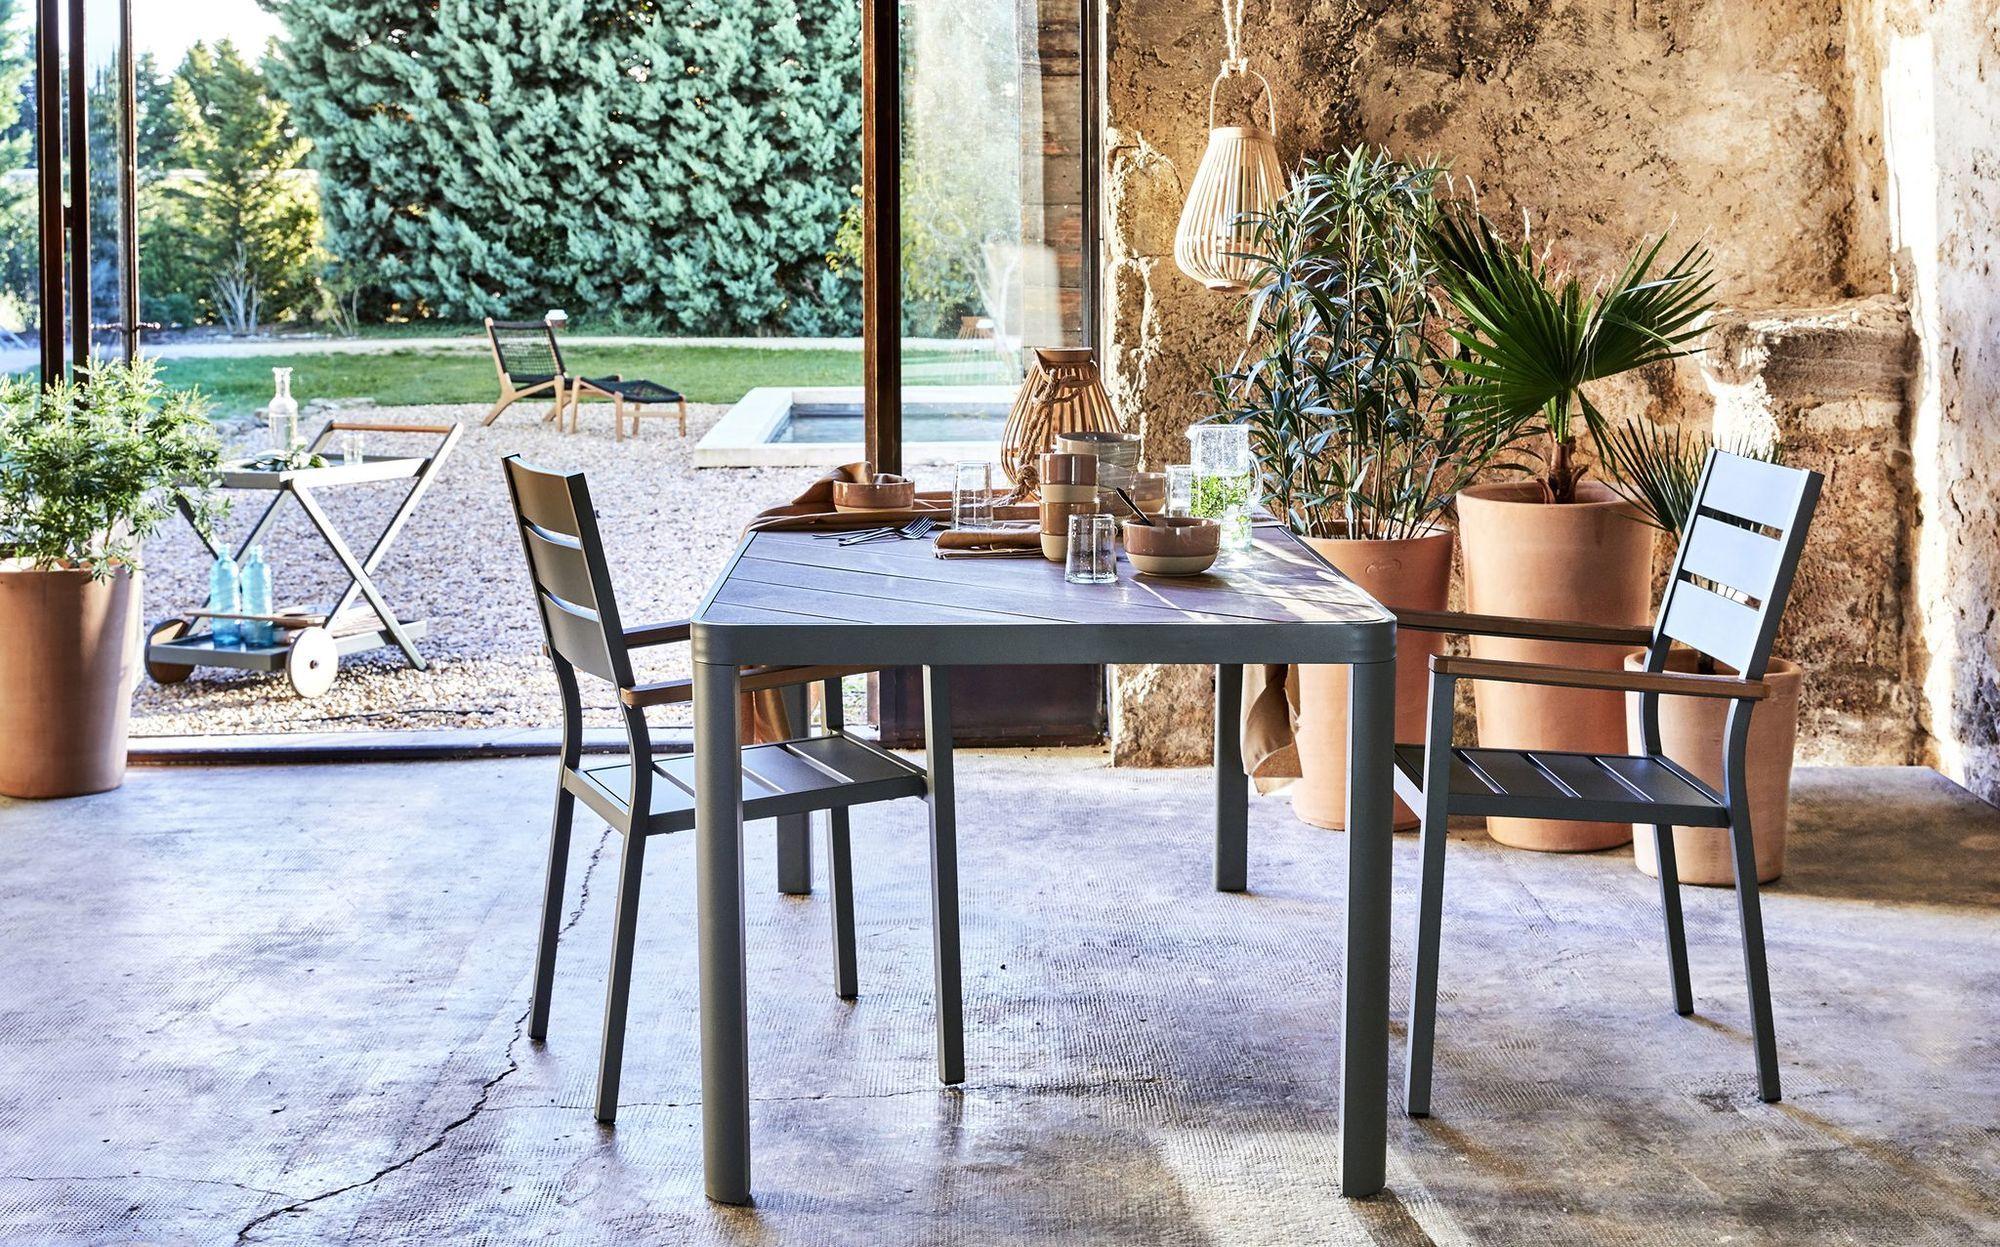 Alinea Nouvelle Collection Meubles Et Décoration Printemps ... tout Chaise Jardin Alinea